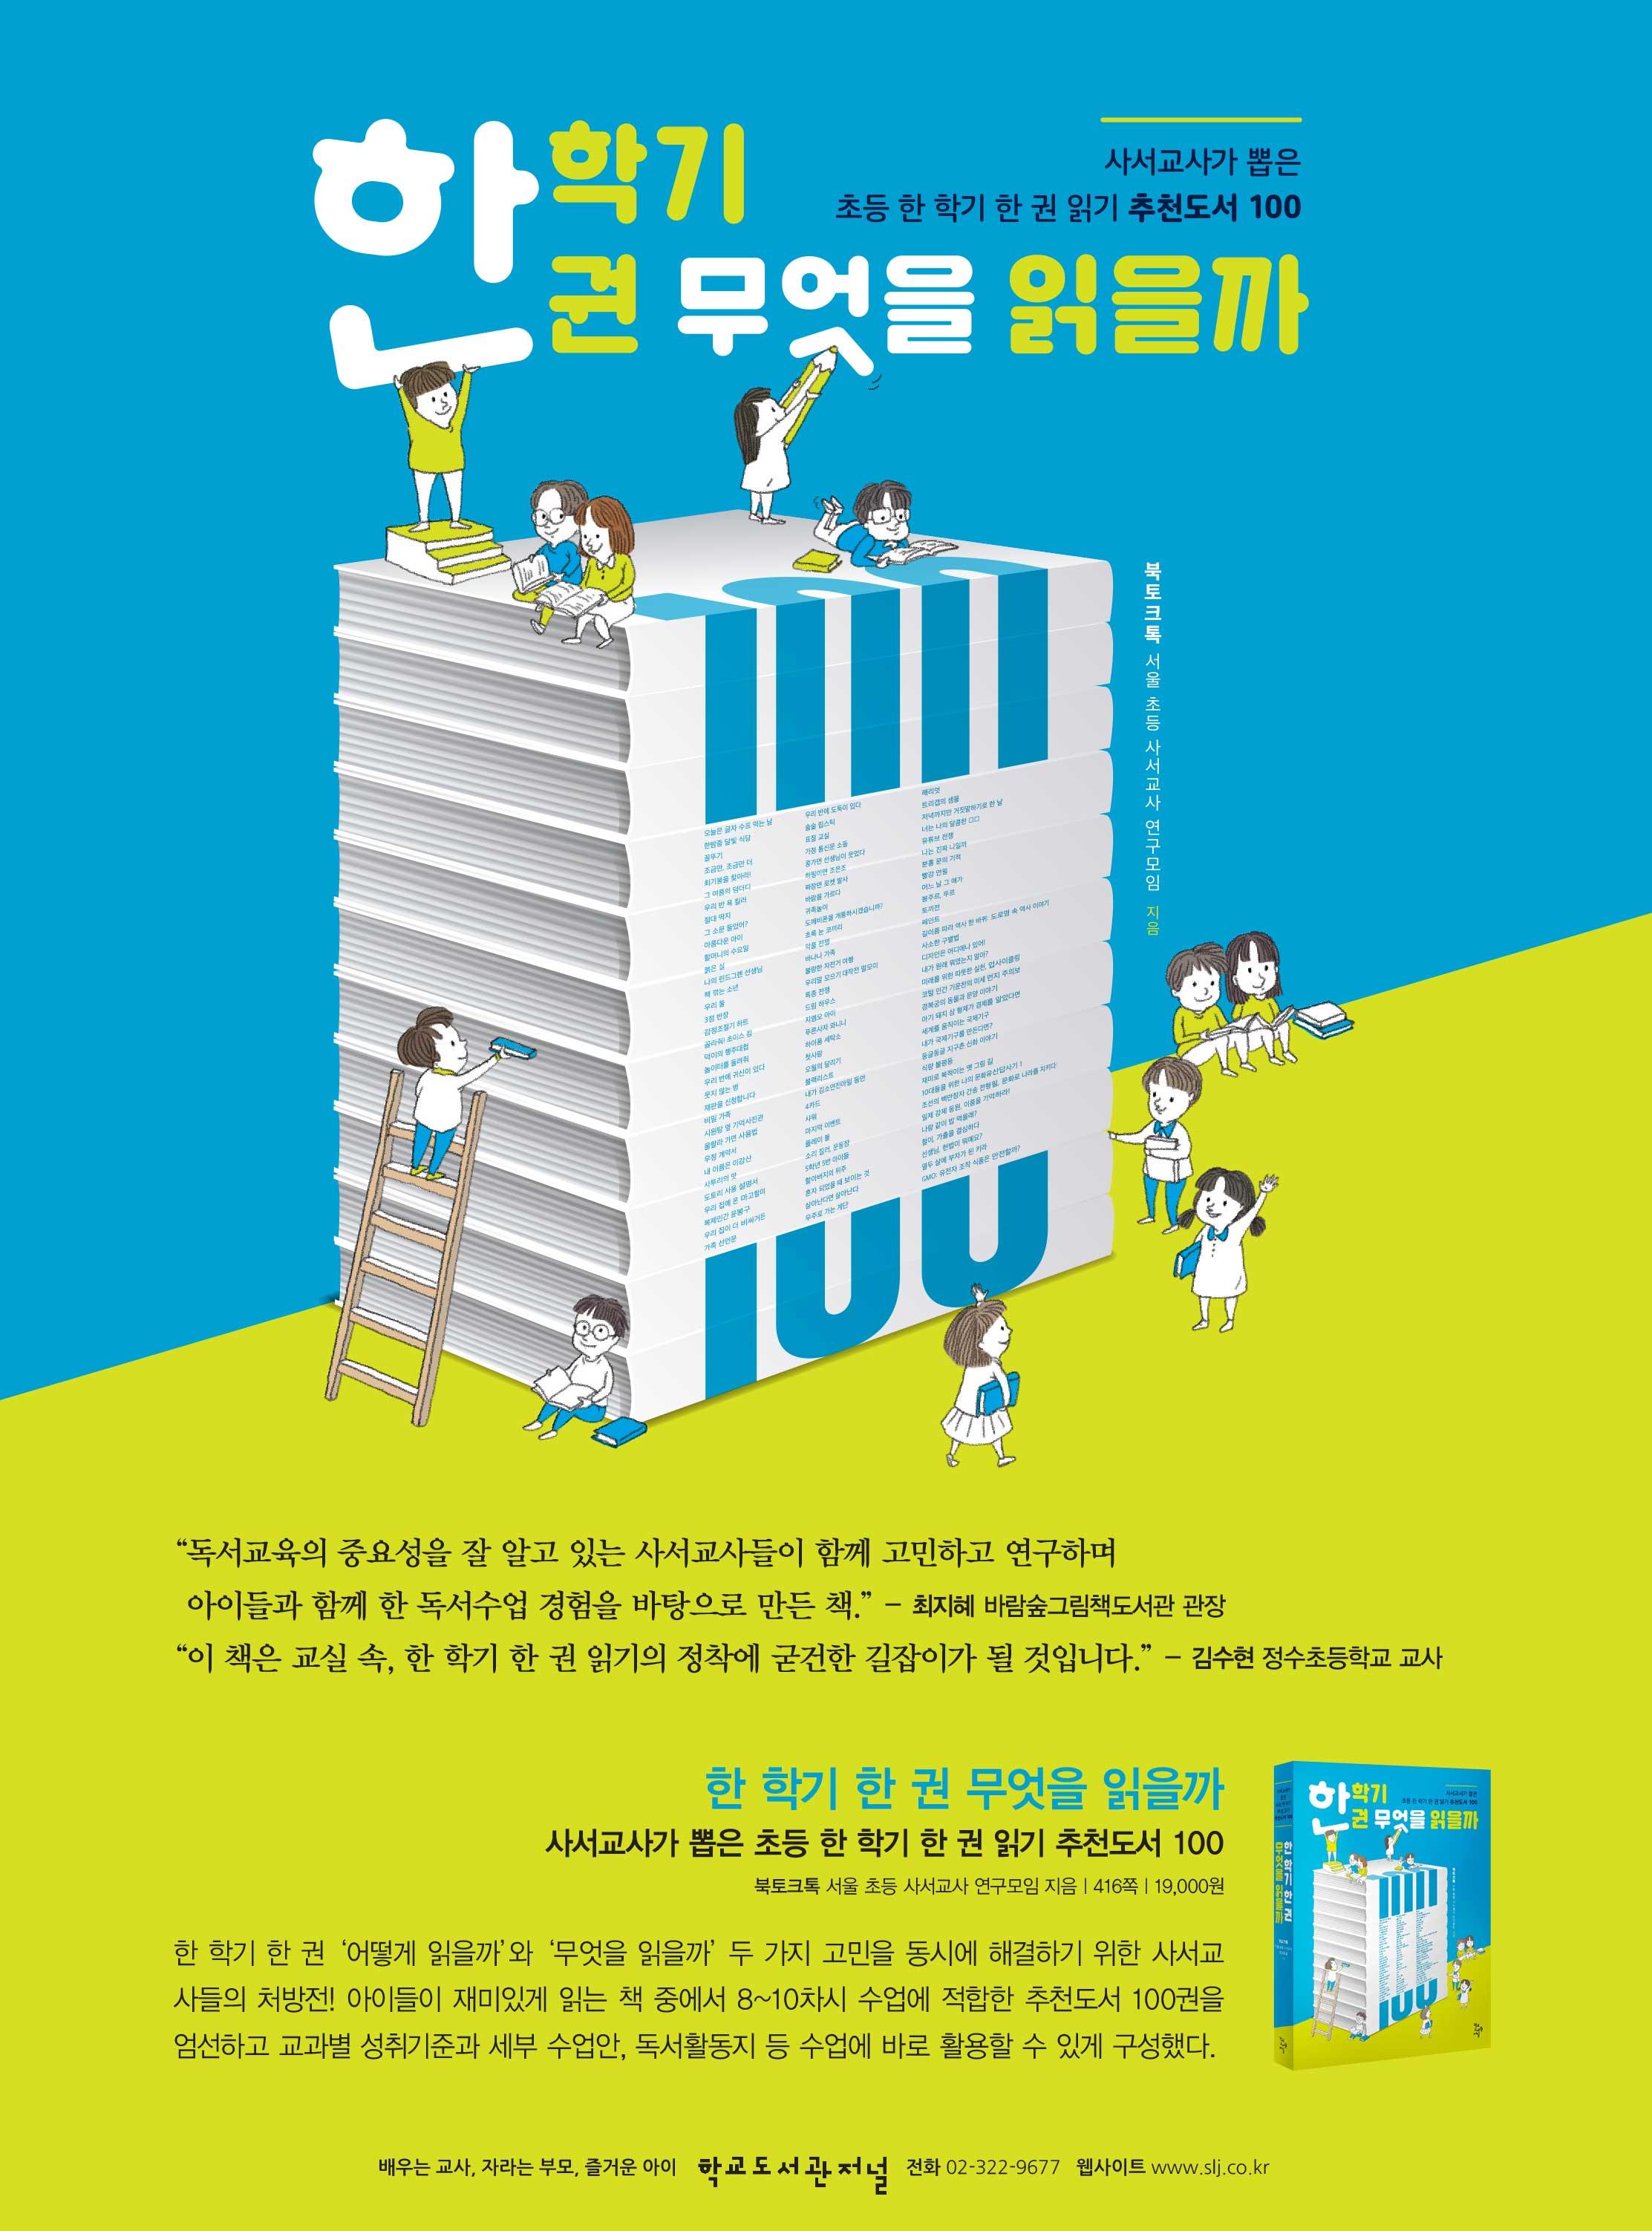 한학기-한권-무엇을-읽을까-광고.jpg